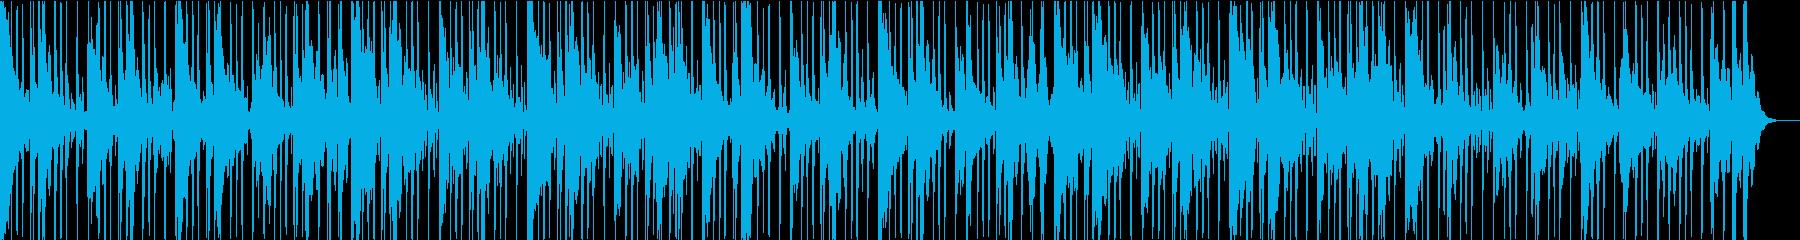 夜を感じるR&Bの再生済みの波形